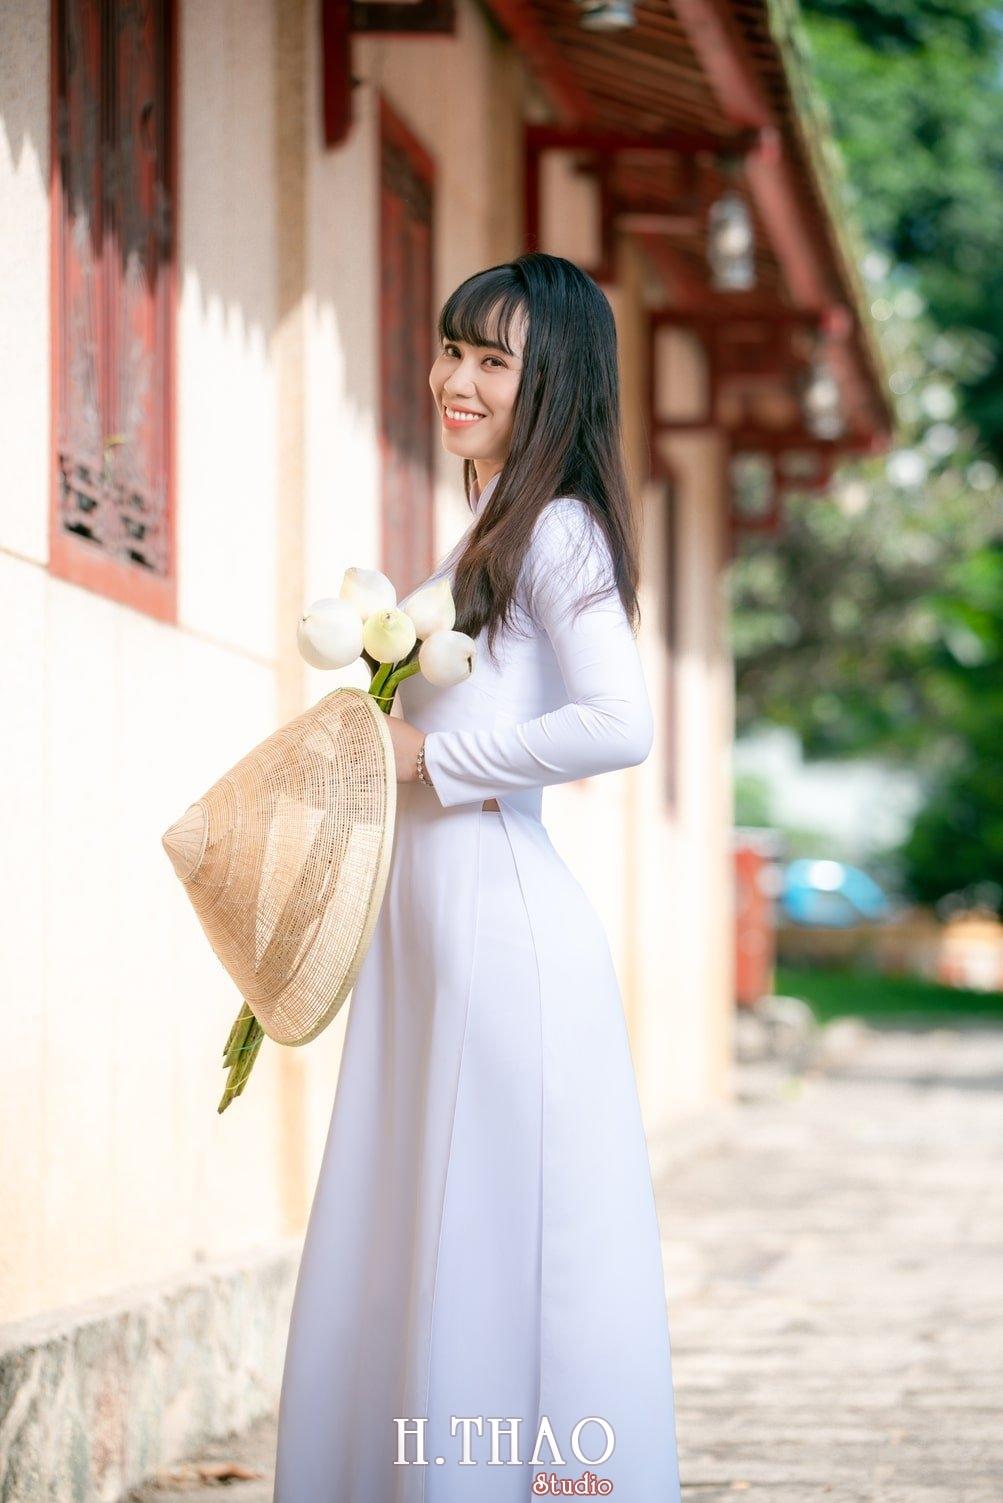 Ao dai viet nam 1 - Album áo dài tím, áo dài trắng thướt tha trong gió - HThao Studio